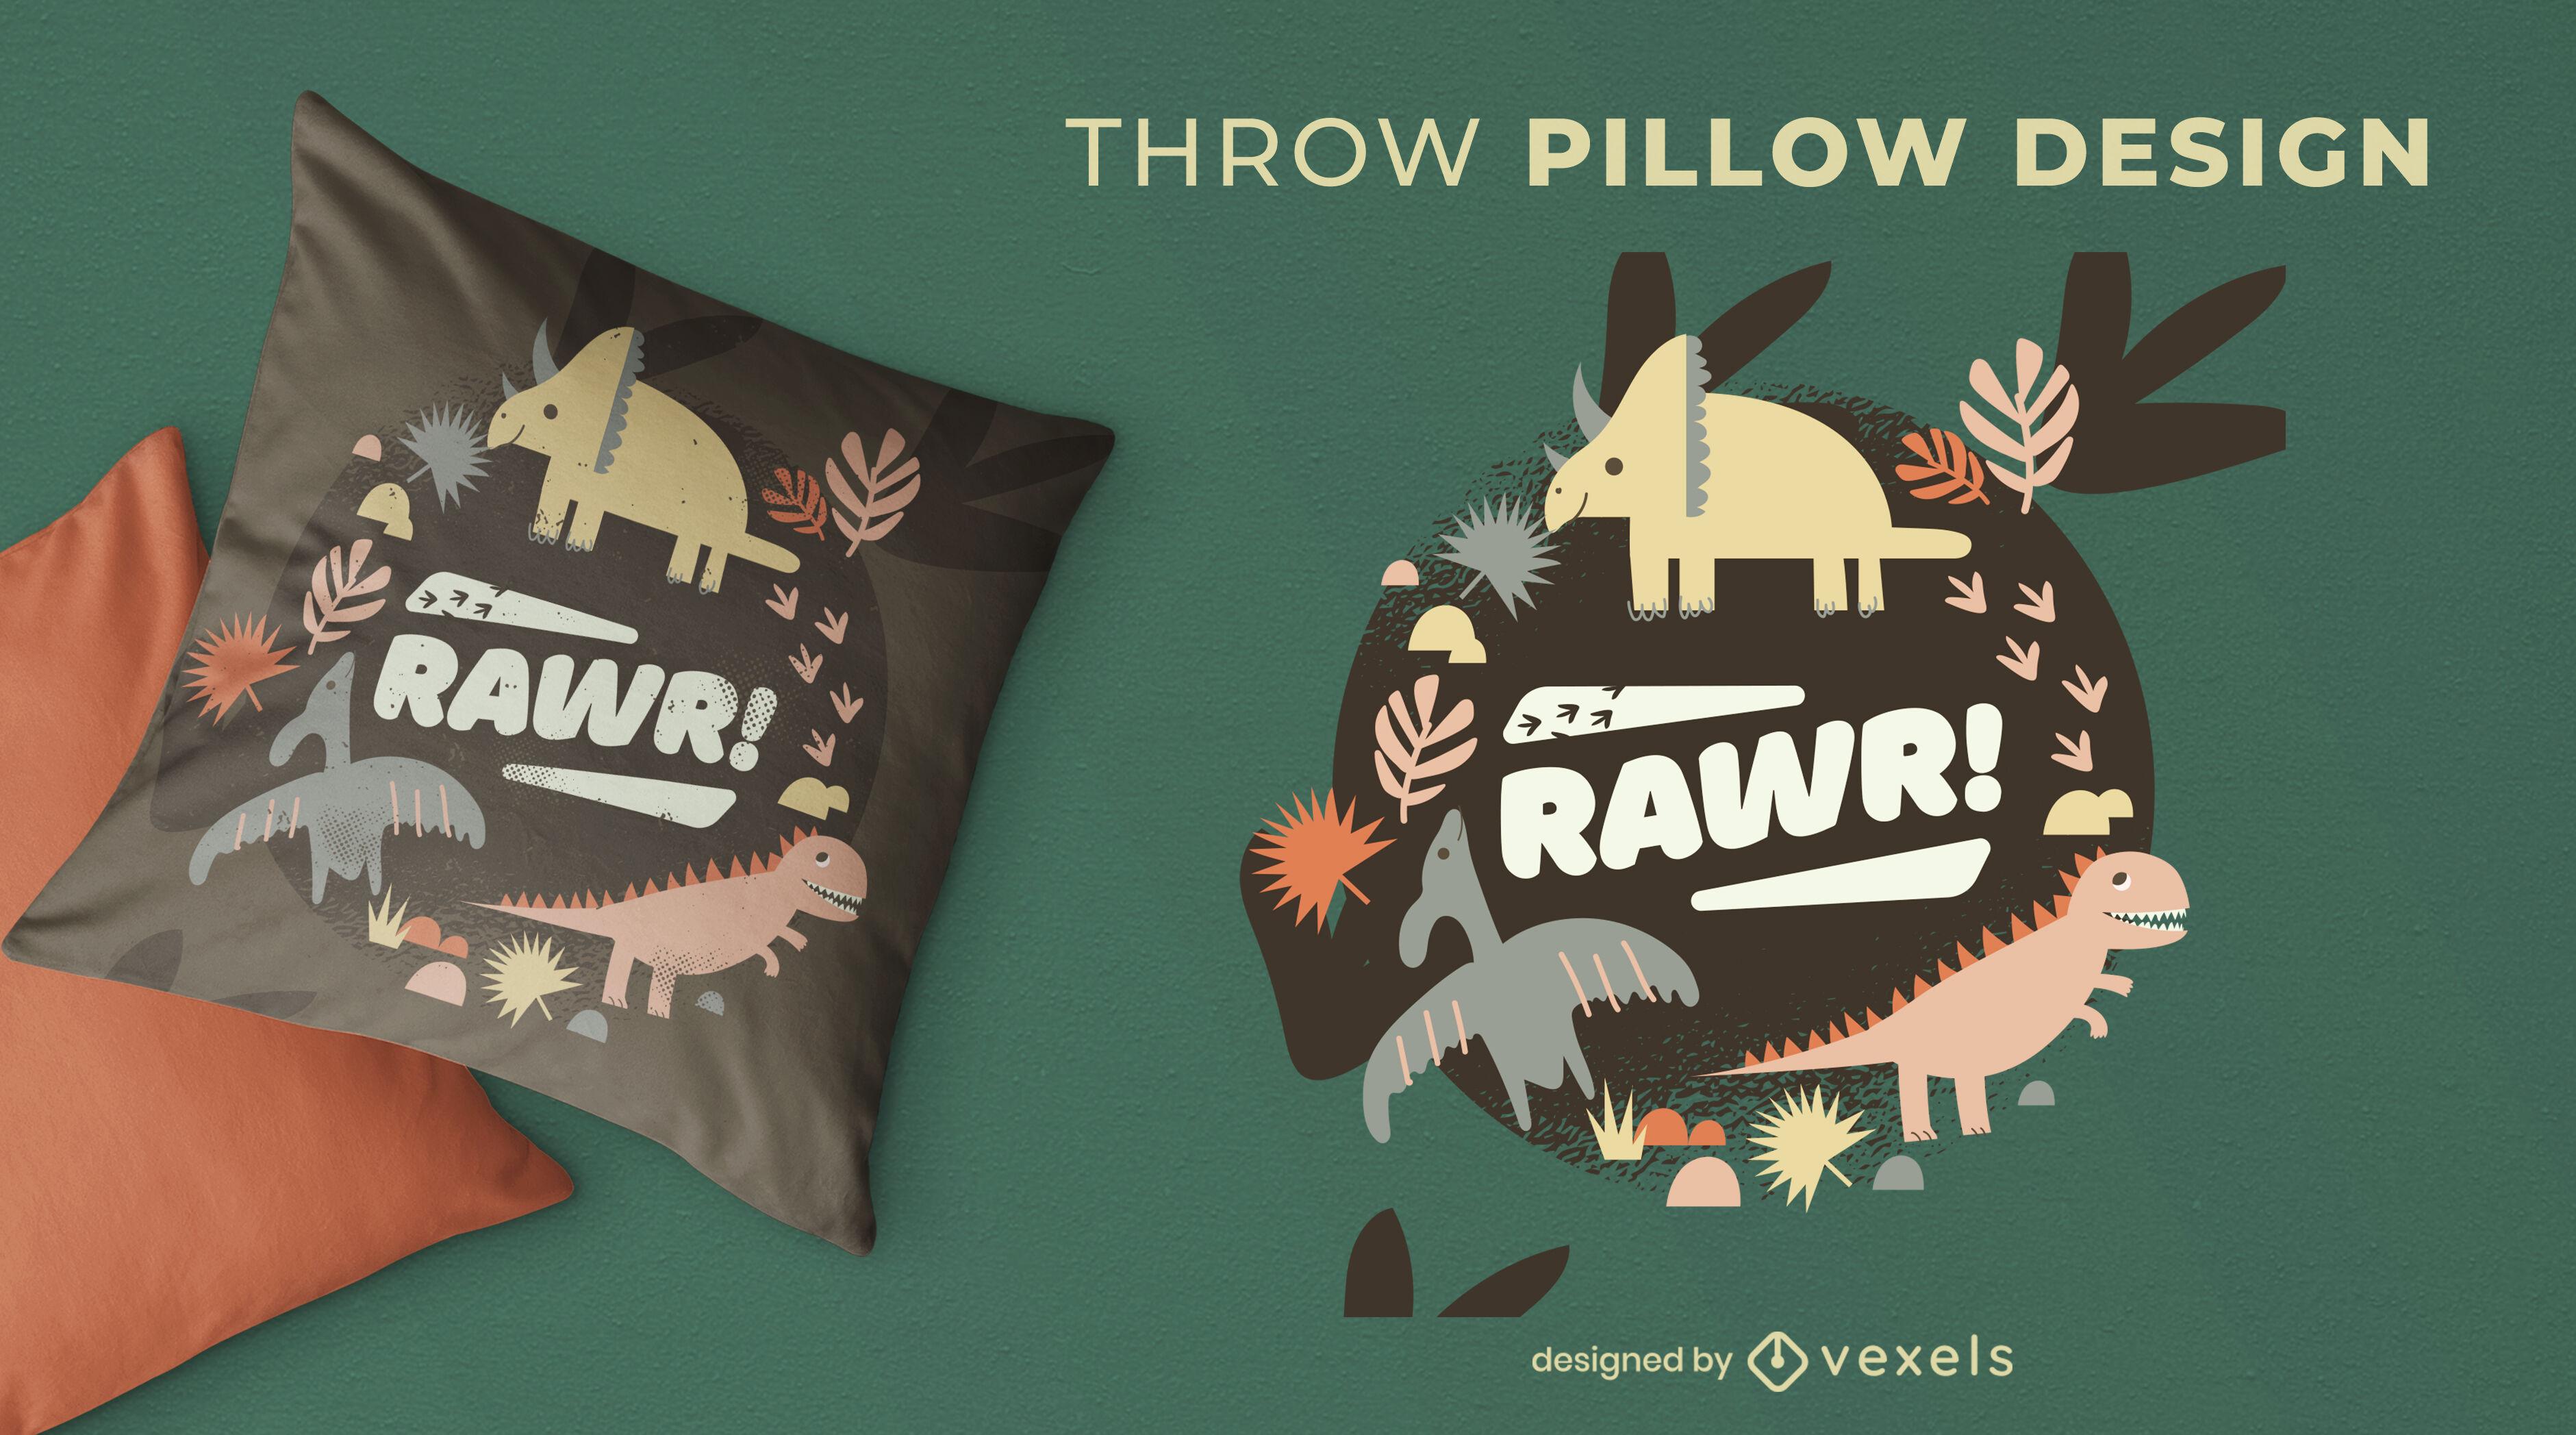 Dise?o lindo de la almohada del tiro de los animales del dinosaurio